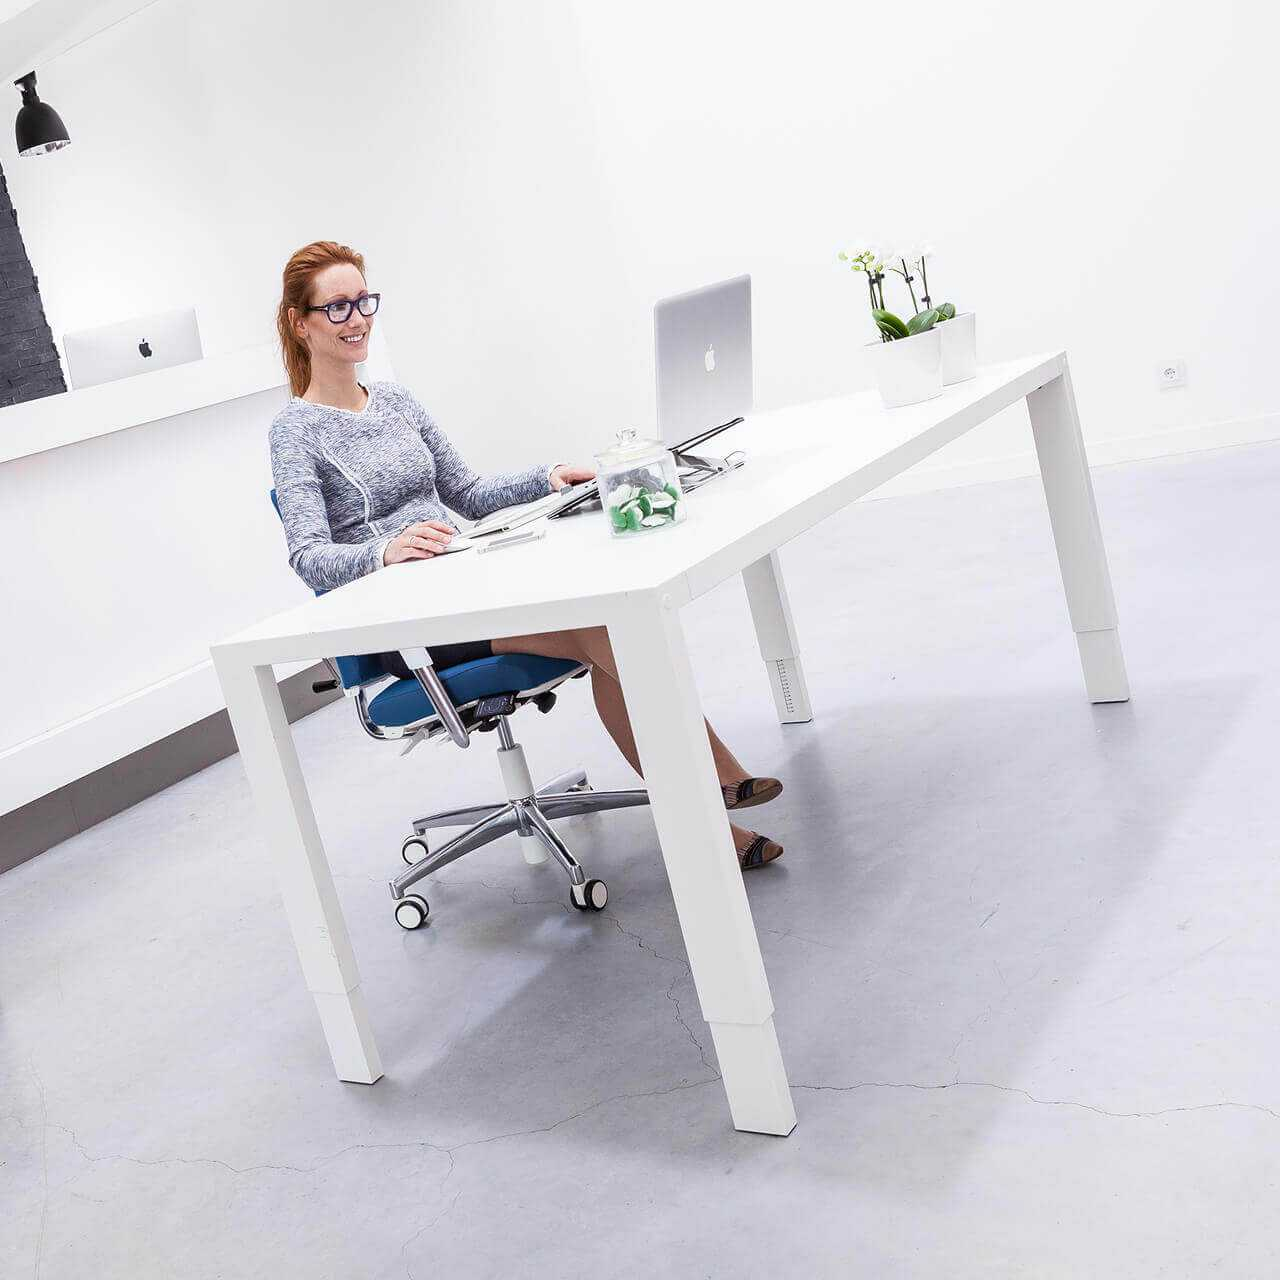 Bma axia 2 2 bureaustoel wit STKAAXI2 2 0005 user